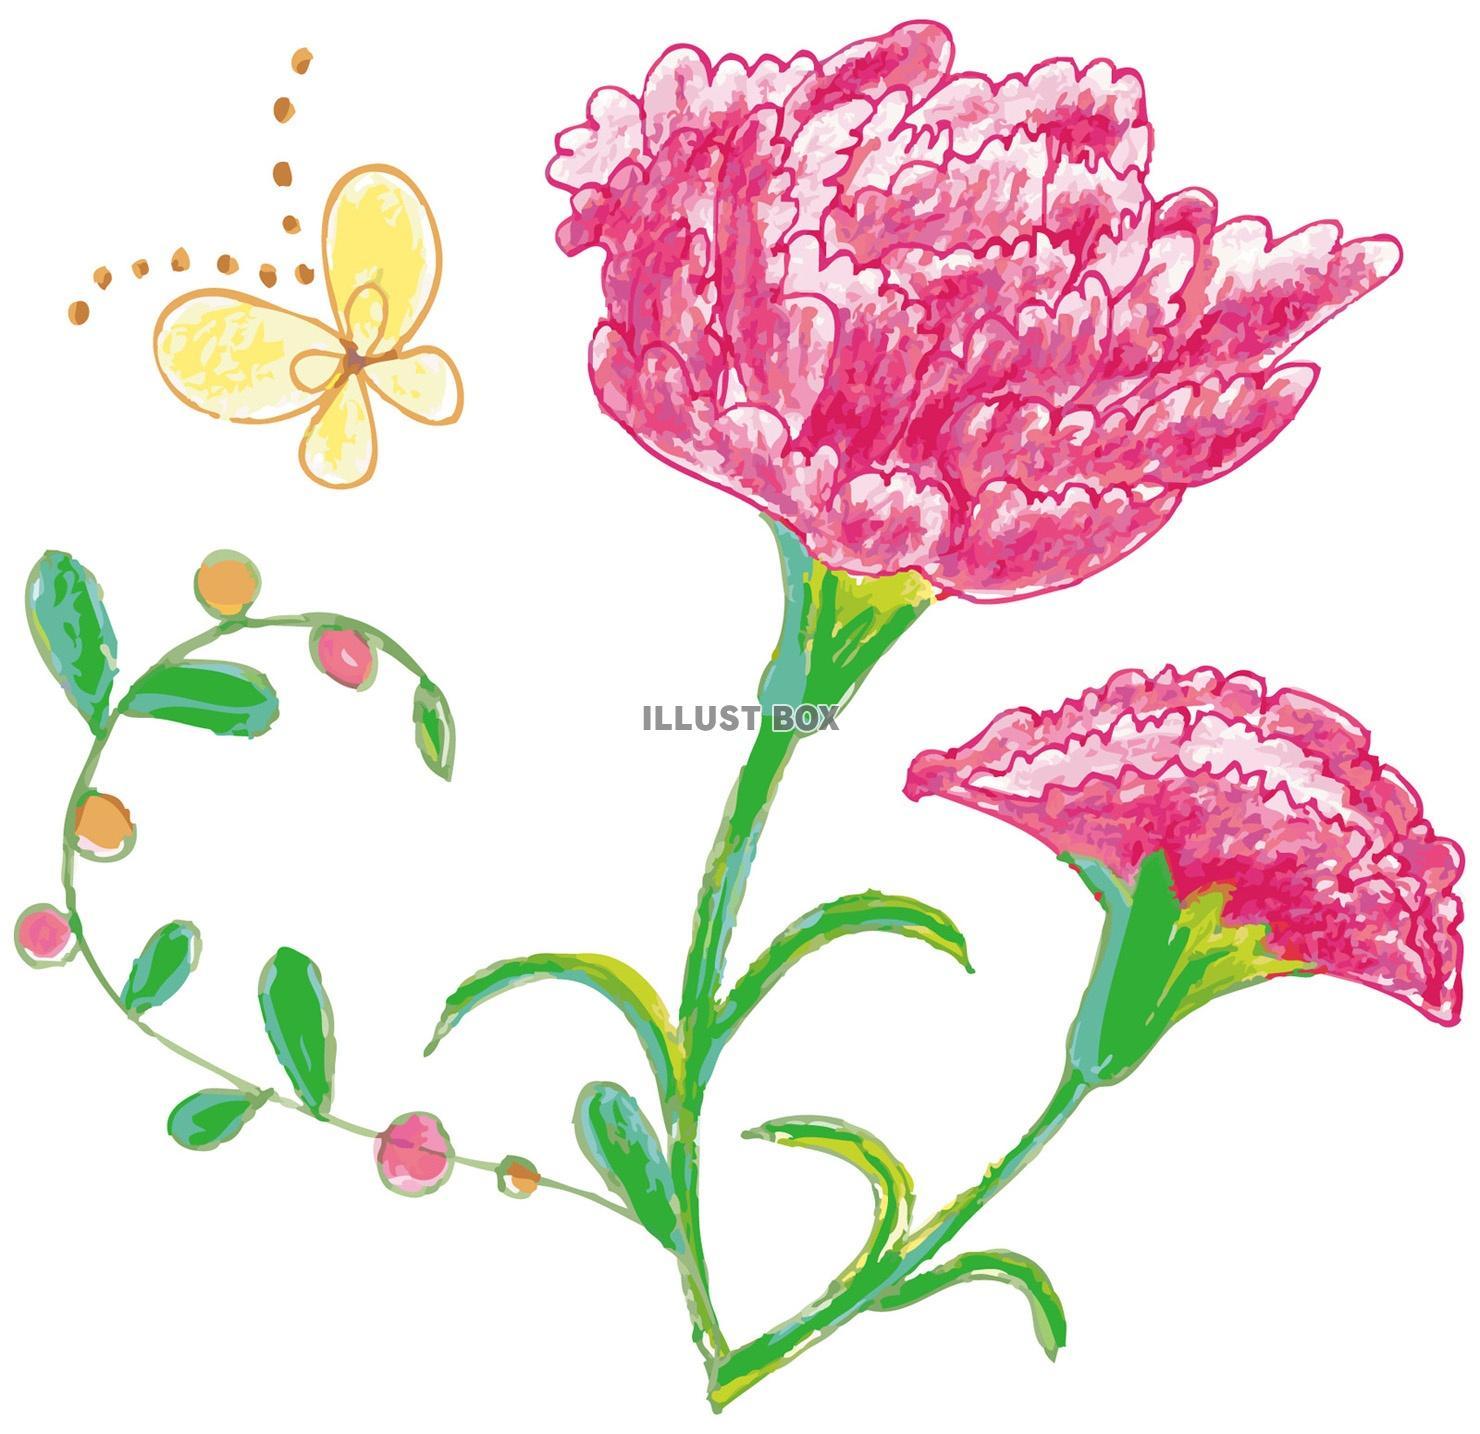 無料イラスト 春季節感花植物手書き手描きてがきカーネーション母の日五月5月